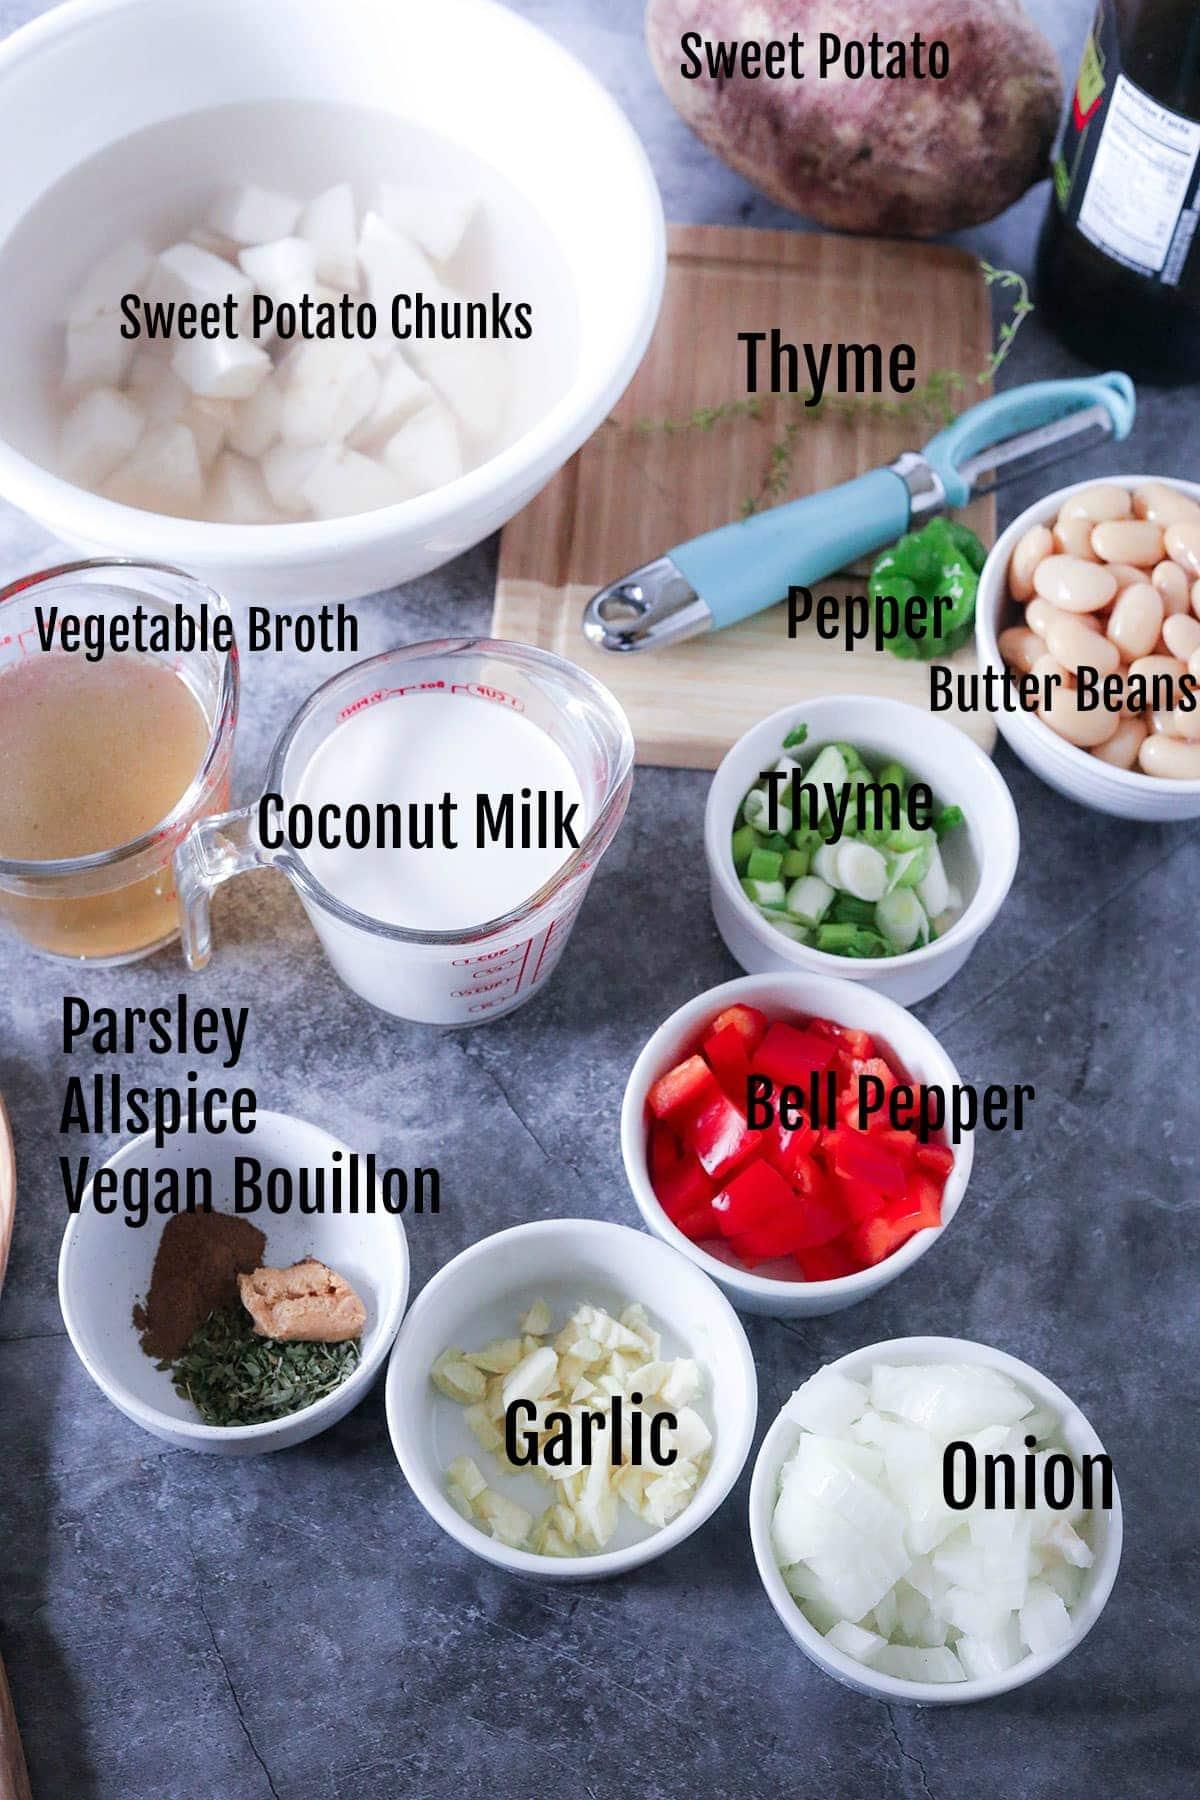 Vegan White Sweet Potato Ingredients